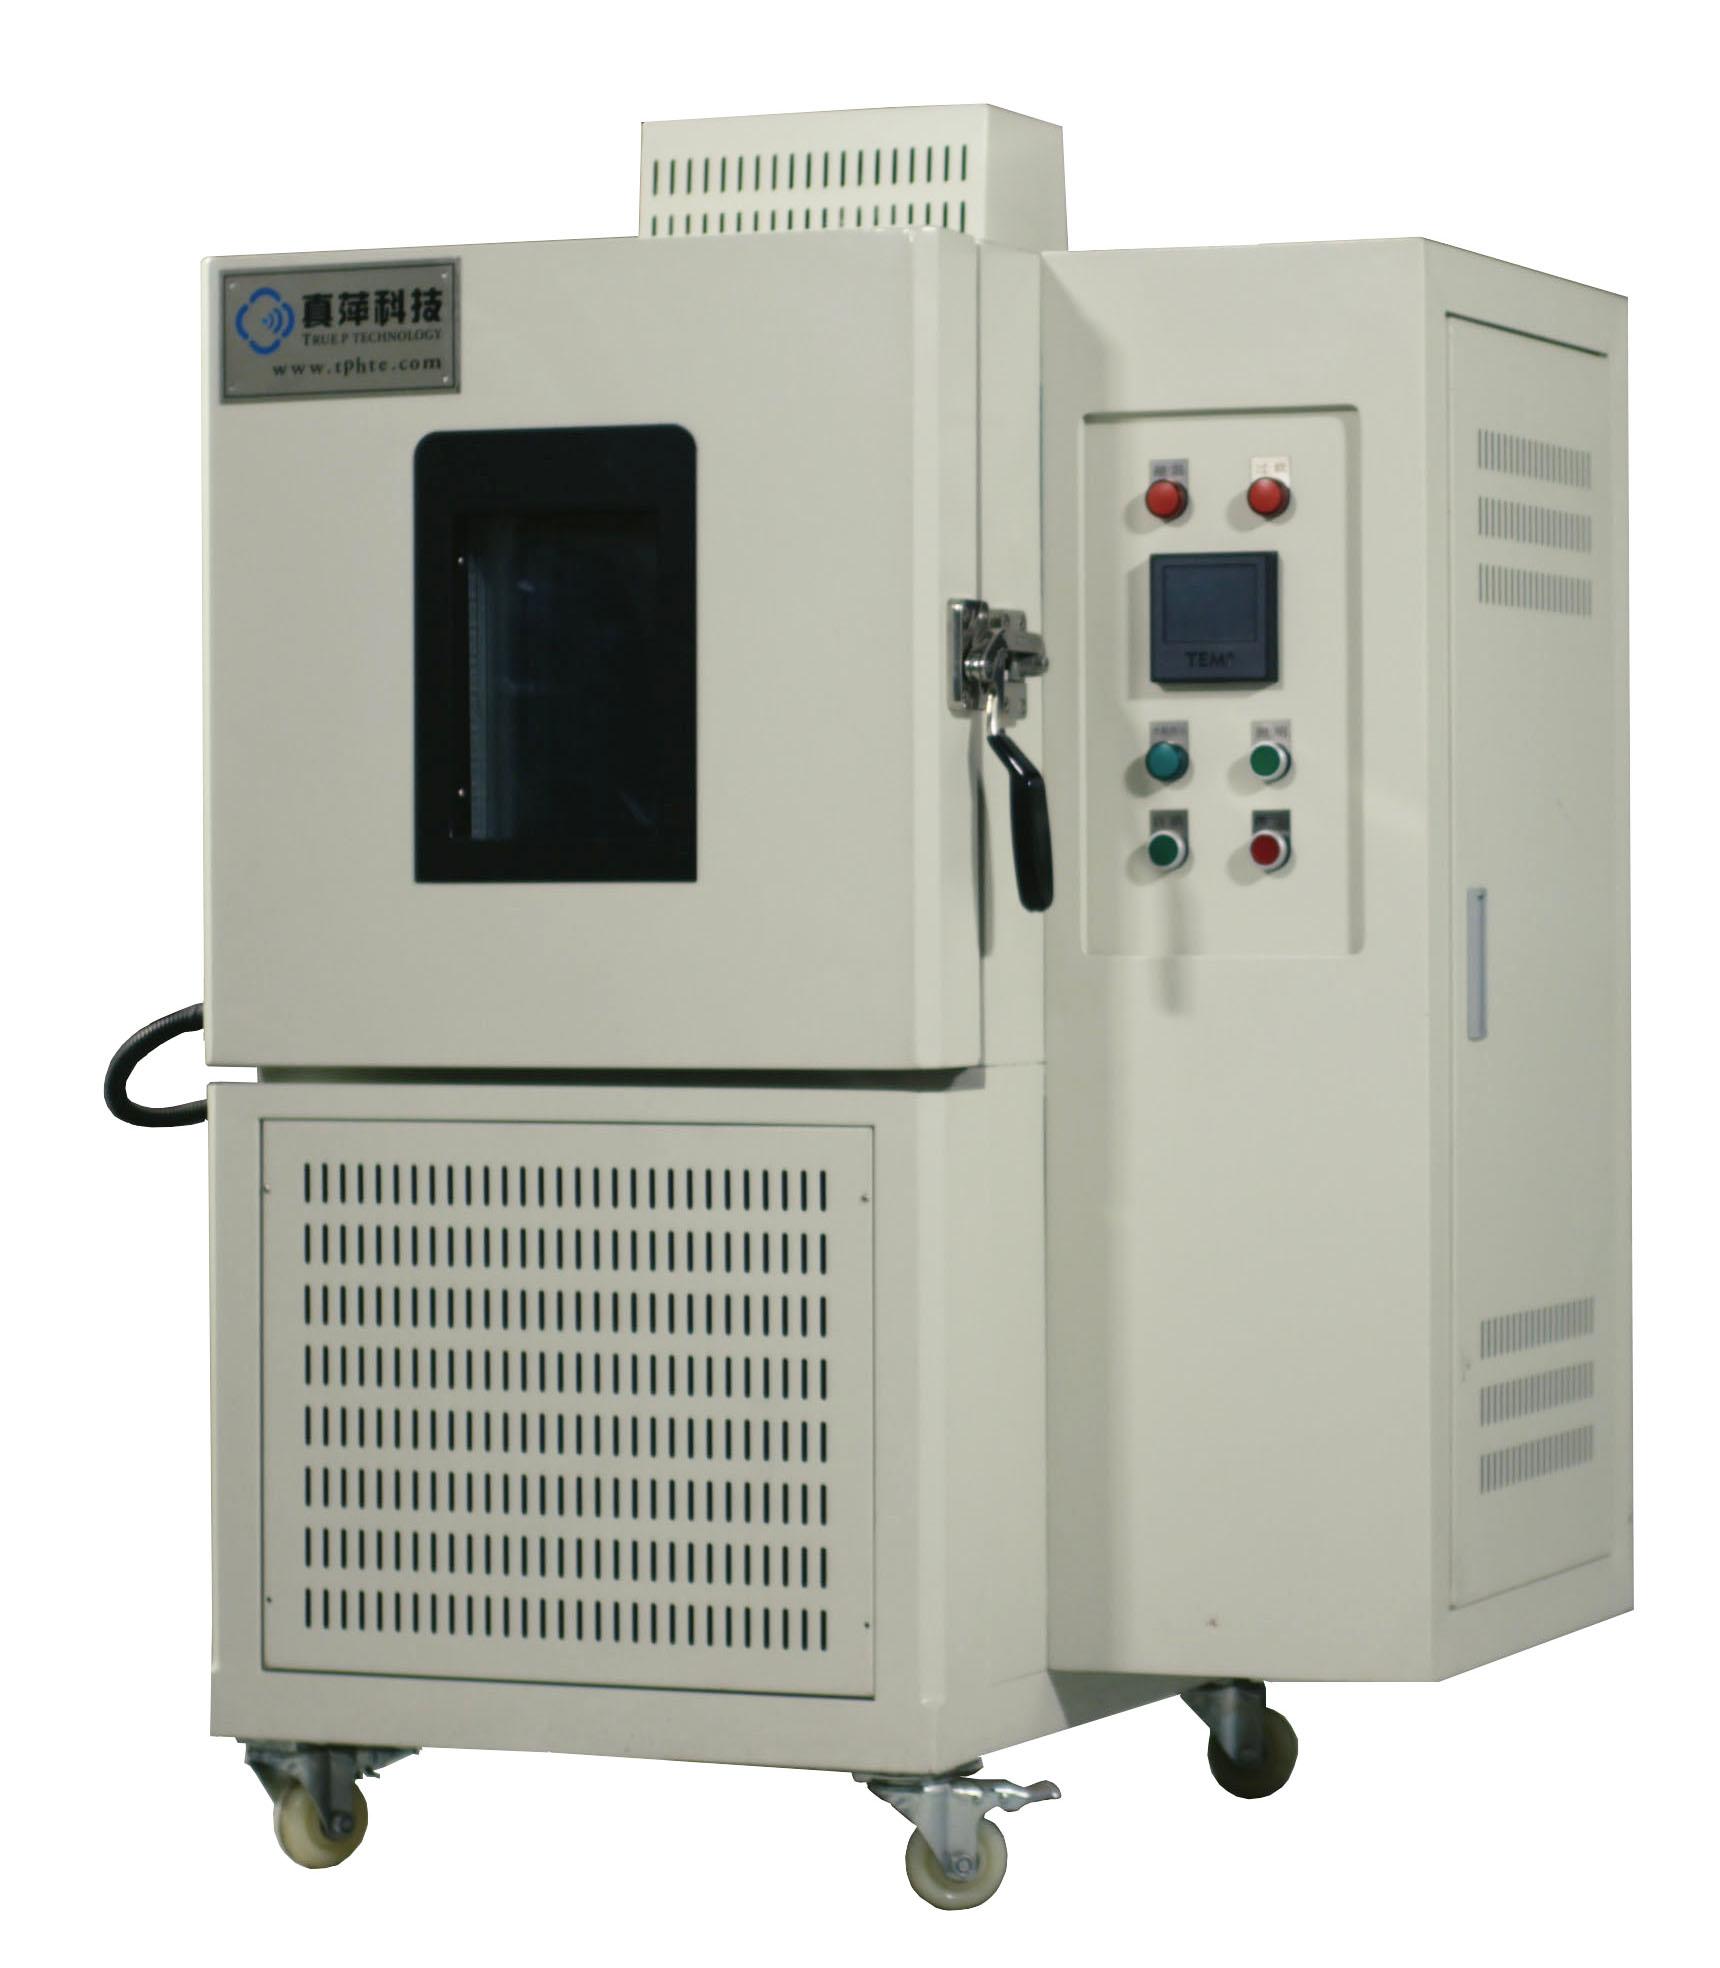 真萍科技高低温试验箱